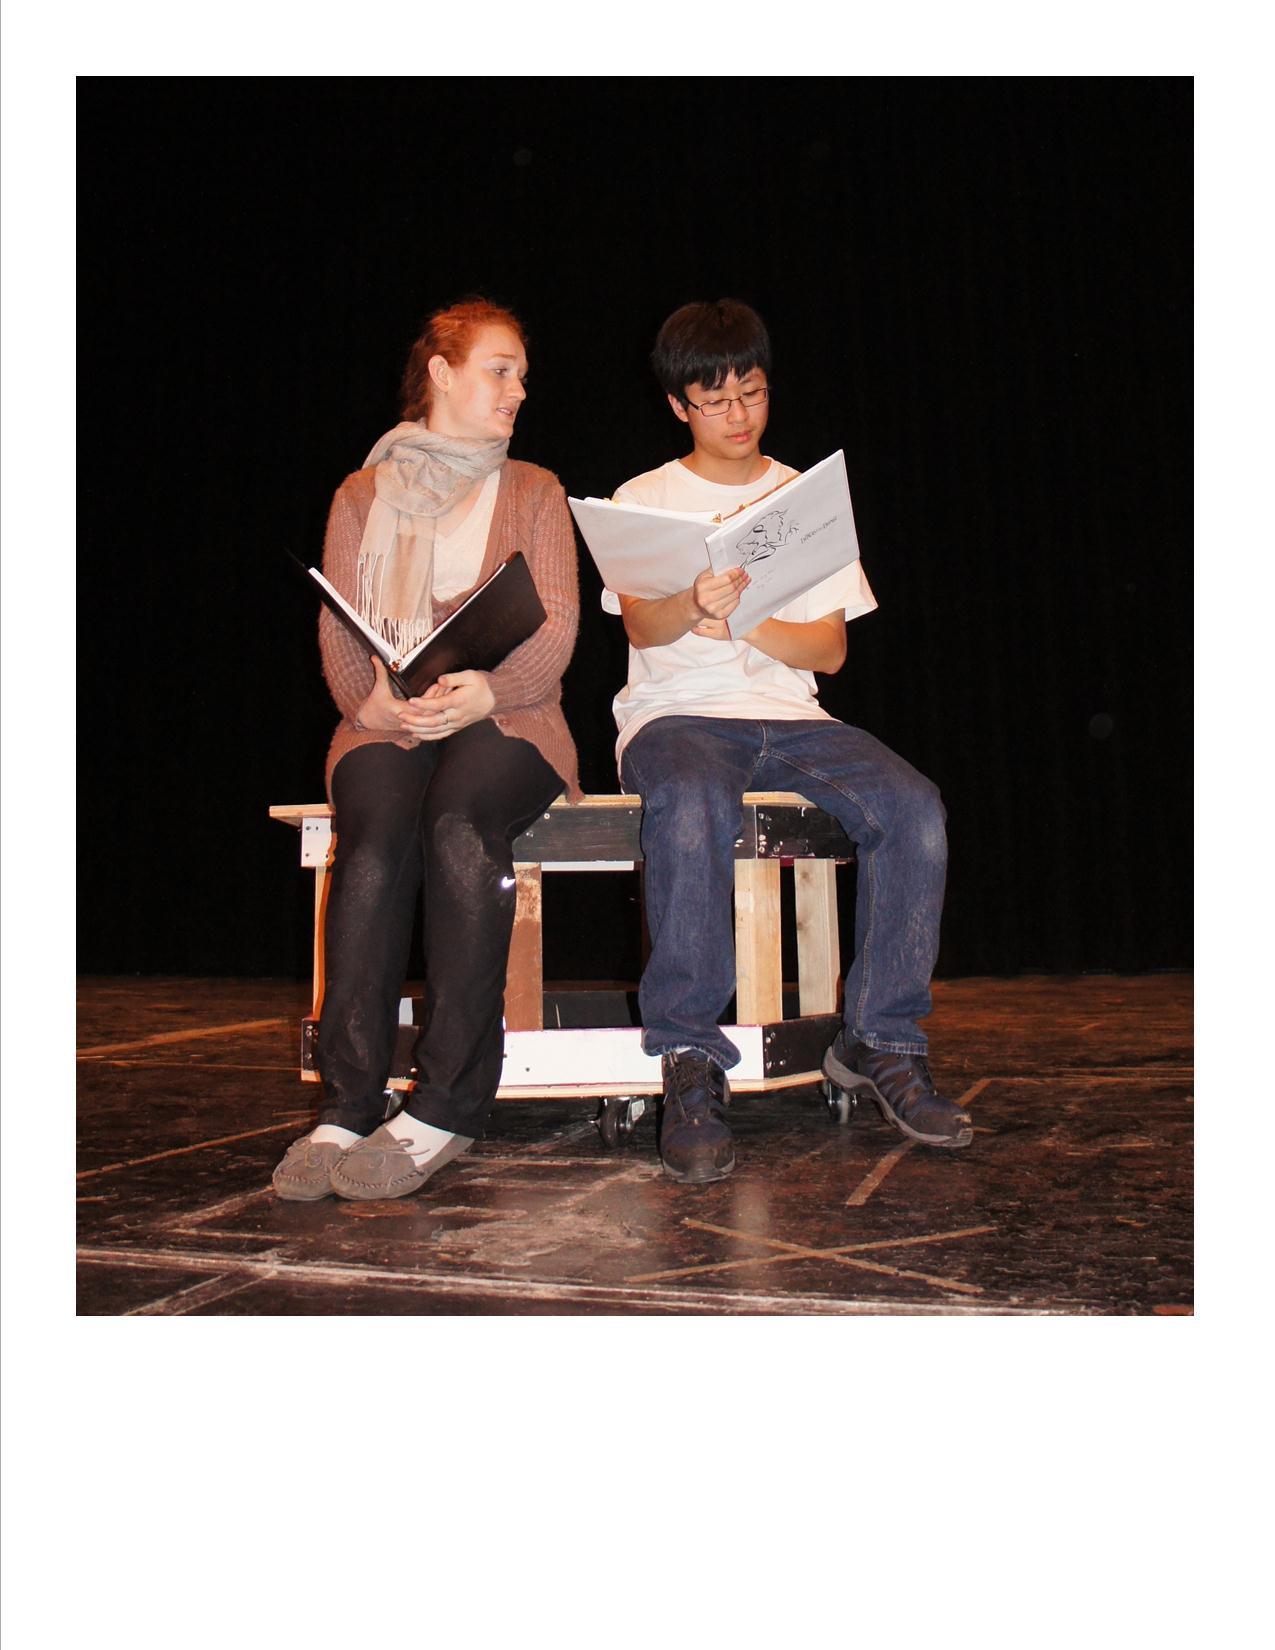 55fd6450af6f9ef82e26_NPHS_Hannah_Black_and_Henry_Lee_Rehearse.jpg